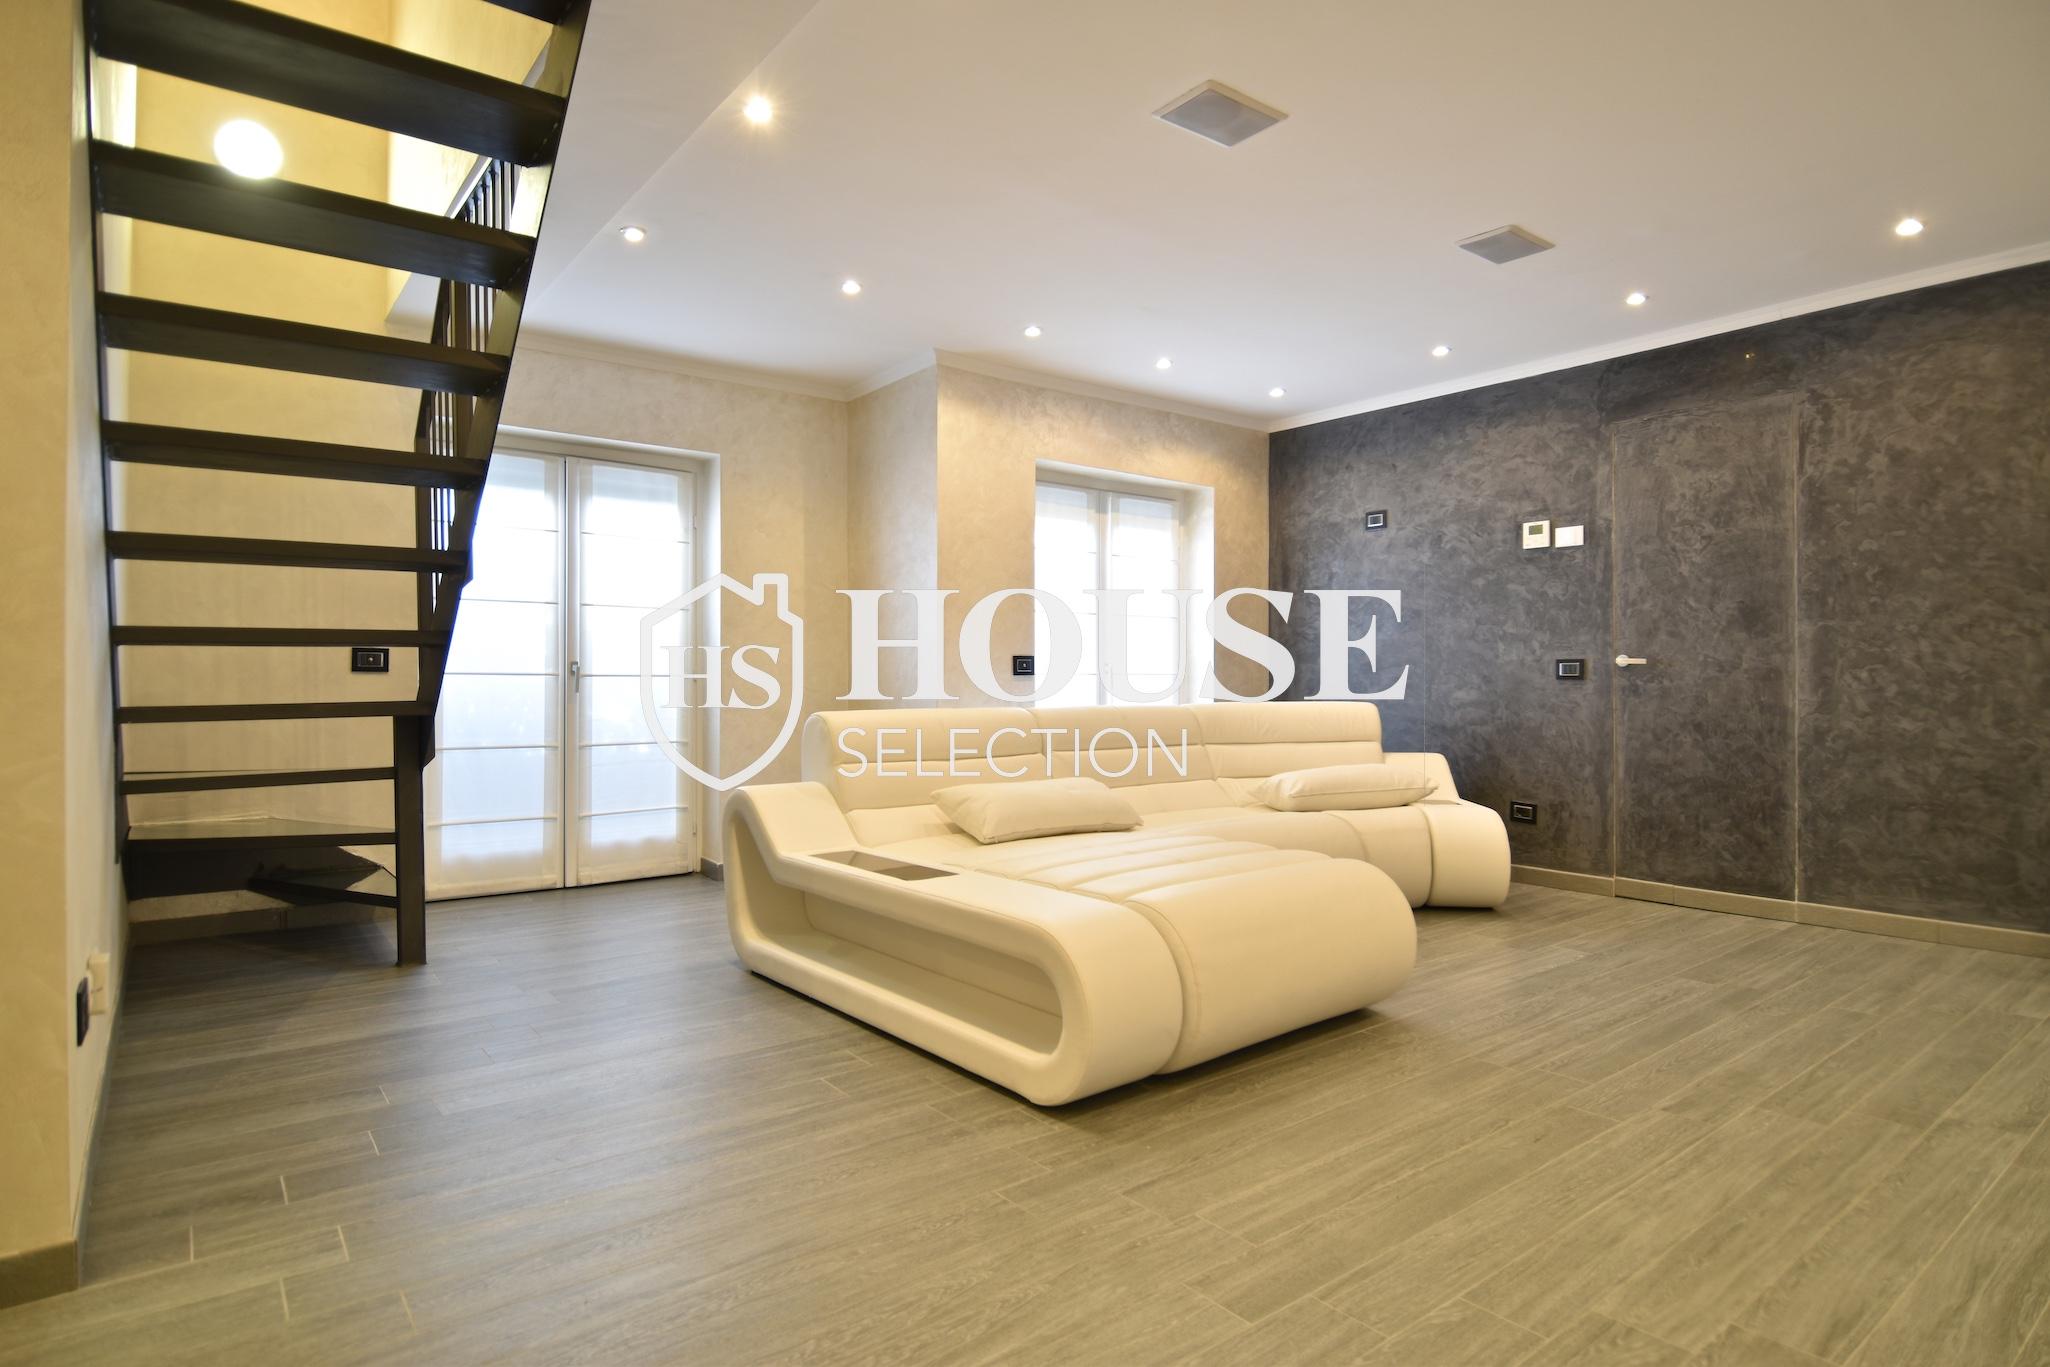 Vendita attico con terrazzo piazza Caiazzo, mm, ultimo piano, nuova realizzazione, palazzo epoca, ascensore, Milano 13